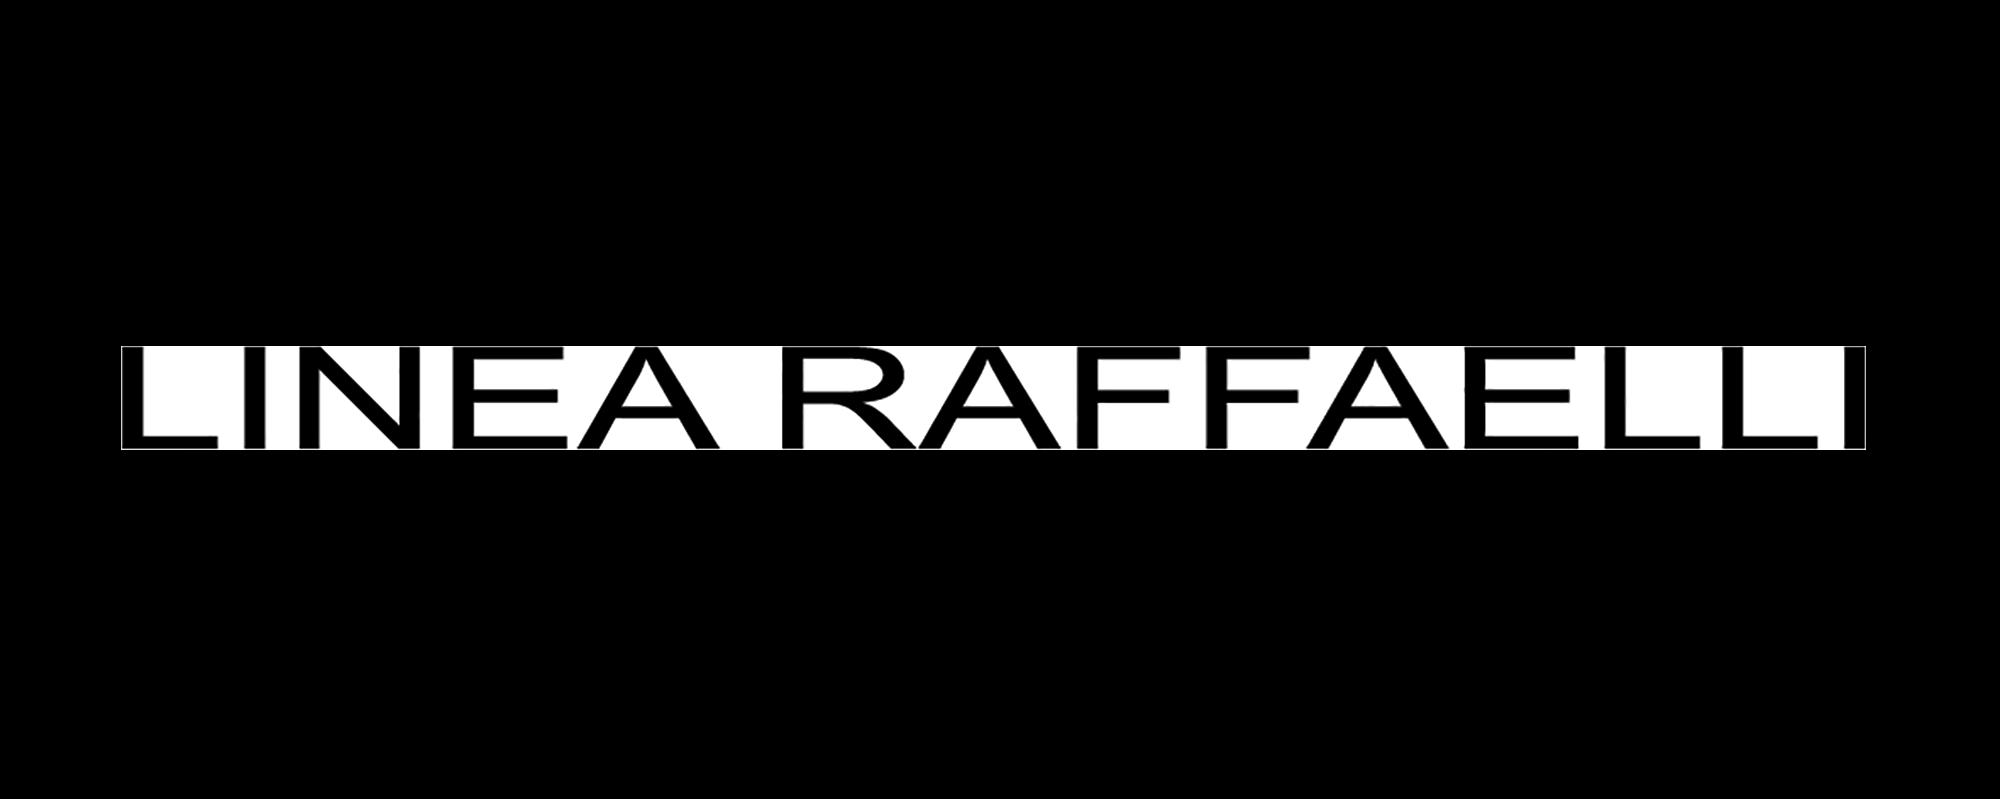 Abendmode online raffaelli shop linea Linea Raffaelli